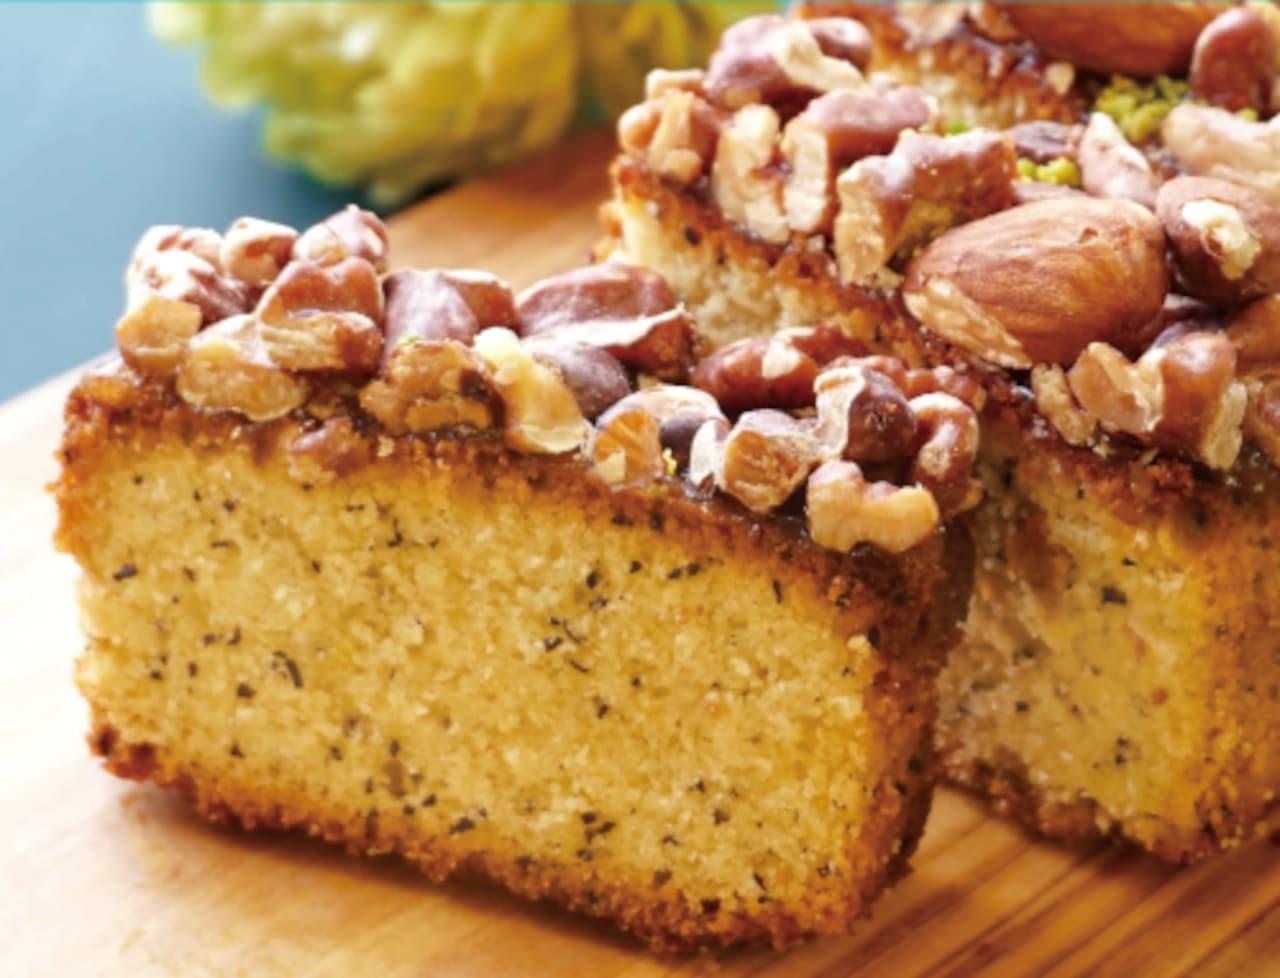 成城石井「3種ナッツとアールグレイのパウンドケーキ」